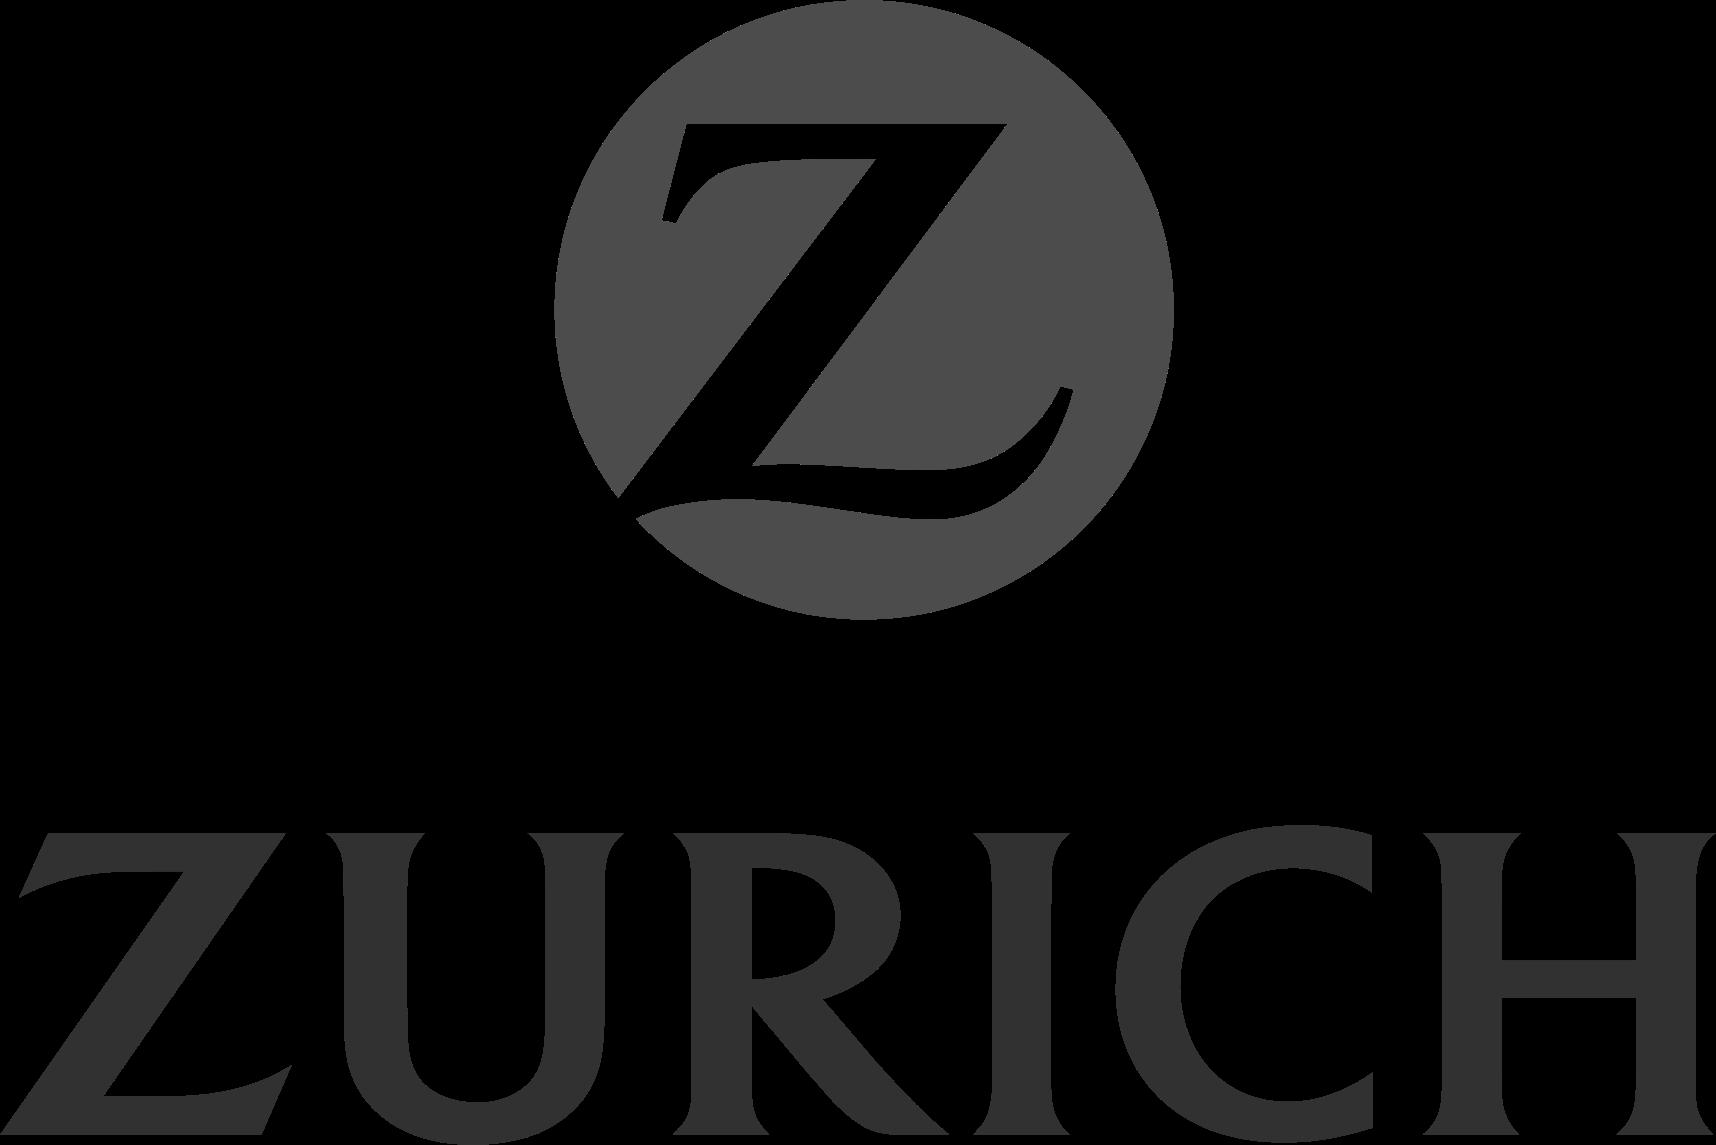 Zurich copy.png